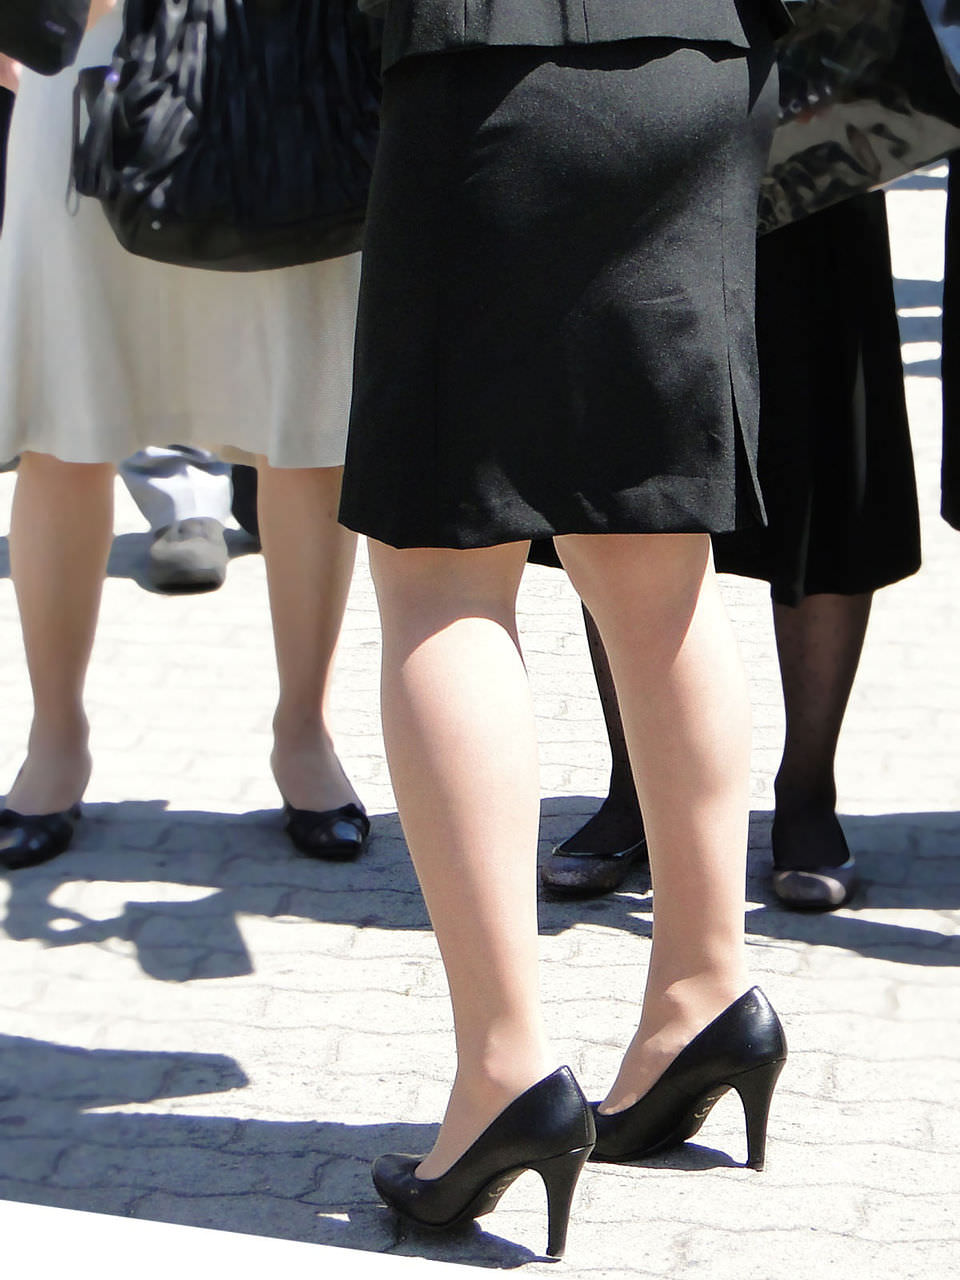 スーツ姿のOLのお尻を街撮りしたエロ画像 474